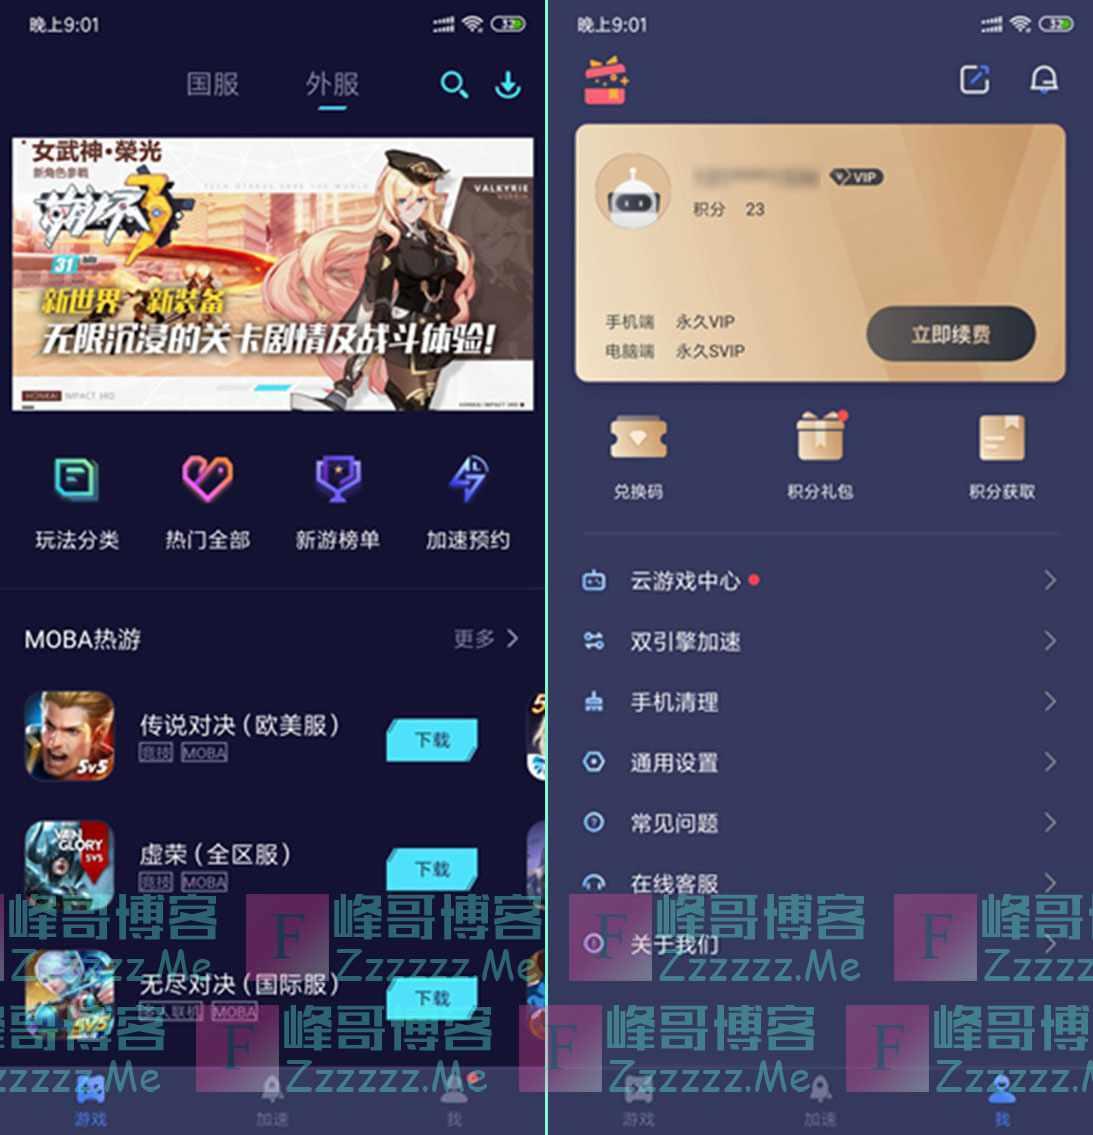 安卓迅游手游加速器V5.1.22.4 最新永久VIP会员破解版下载